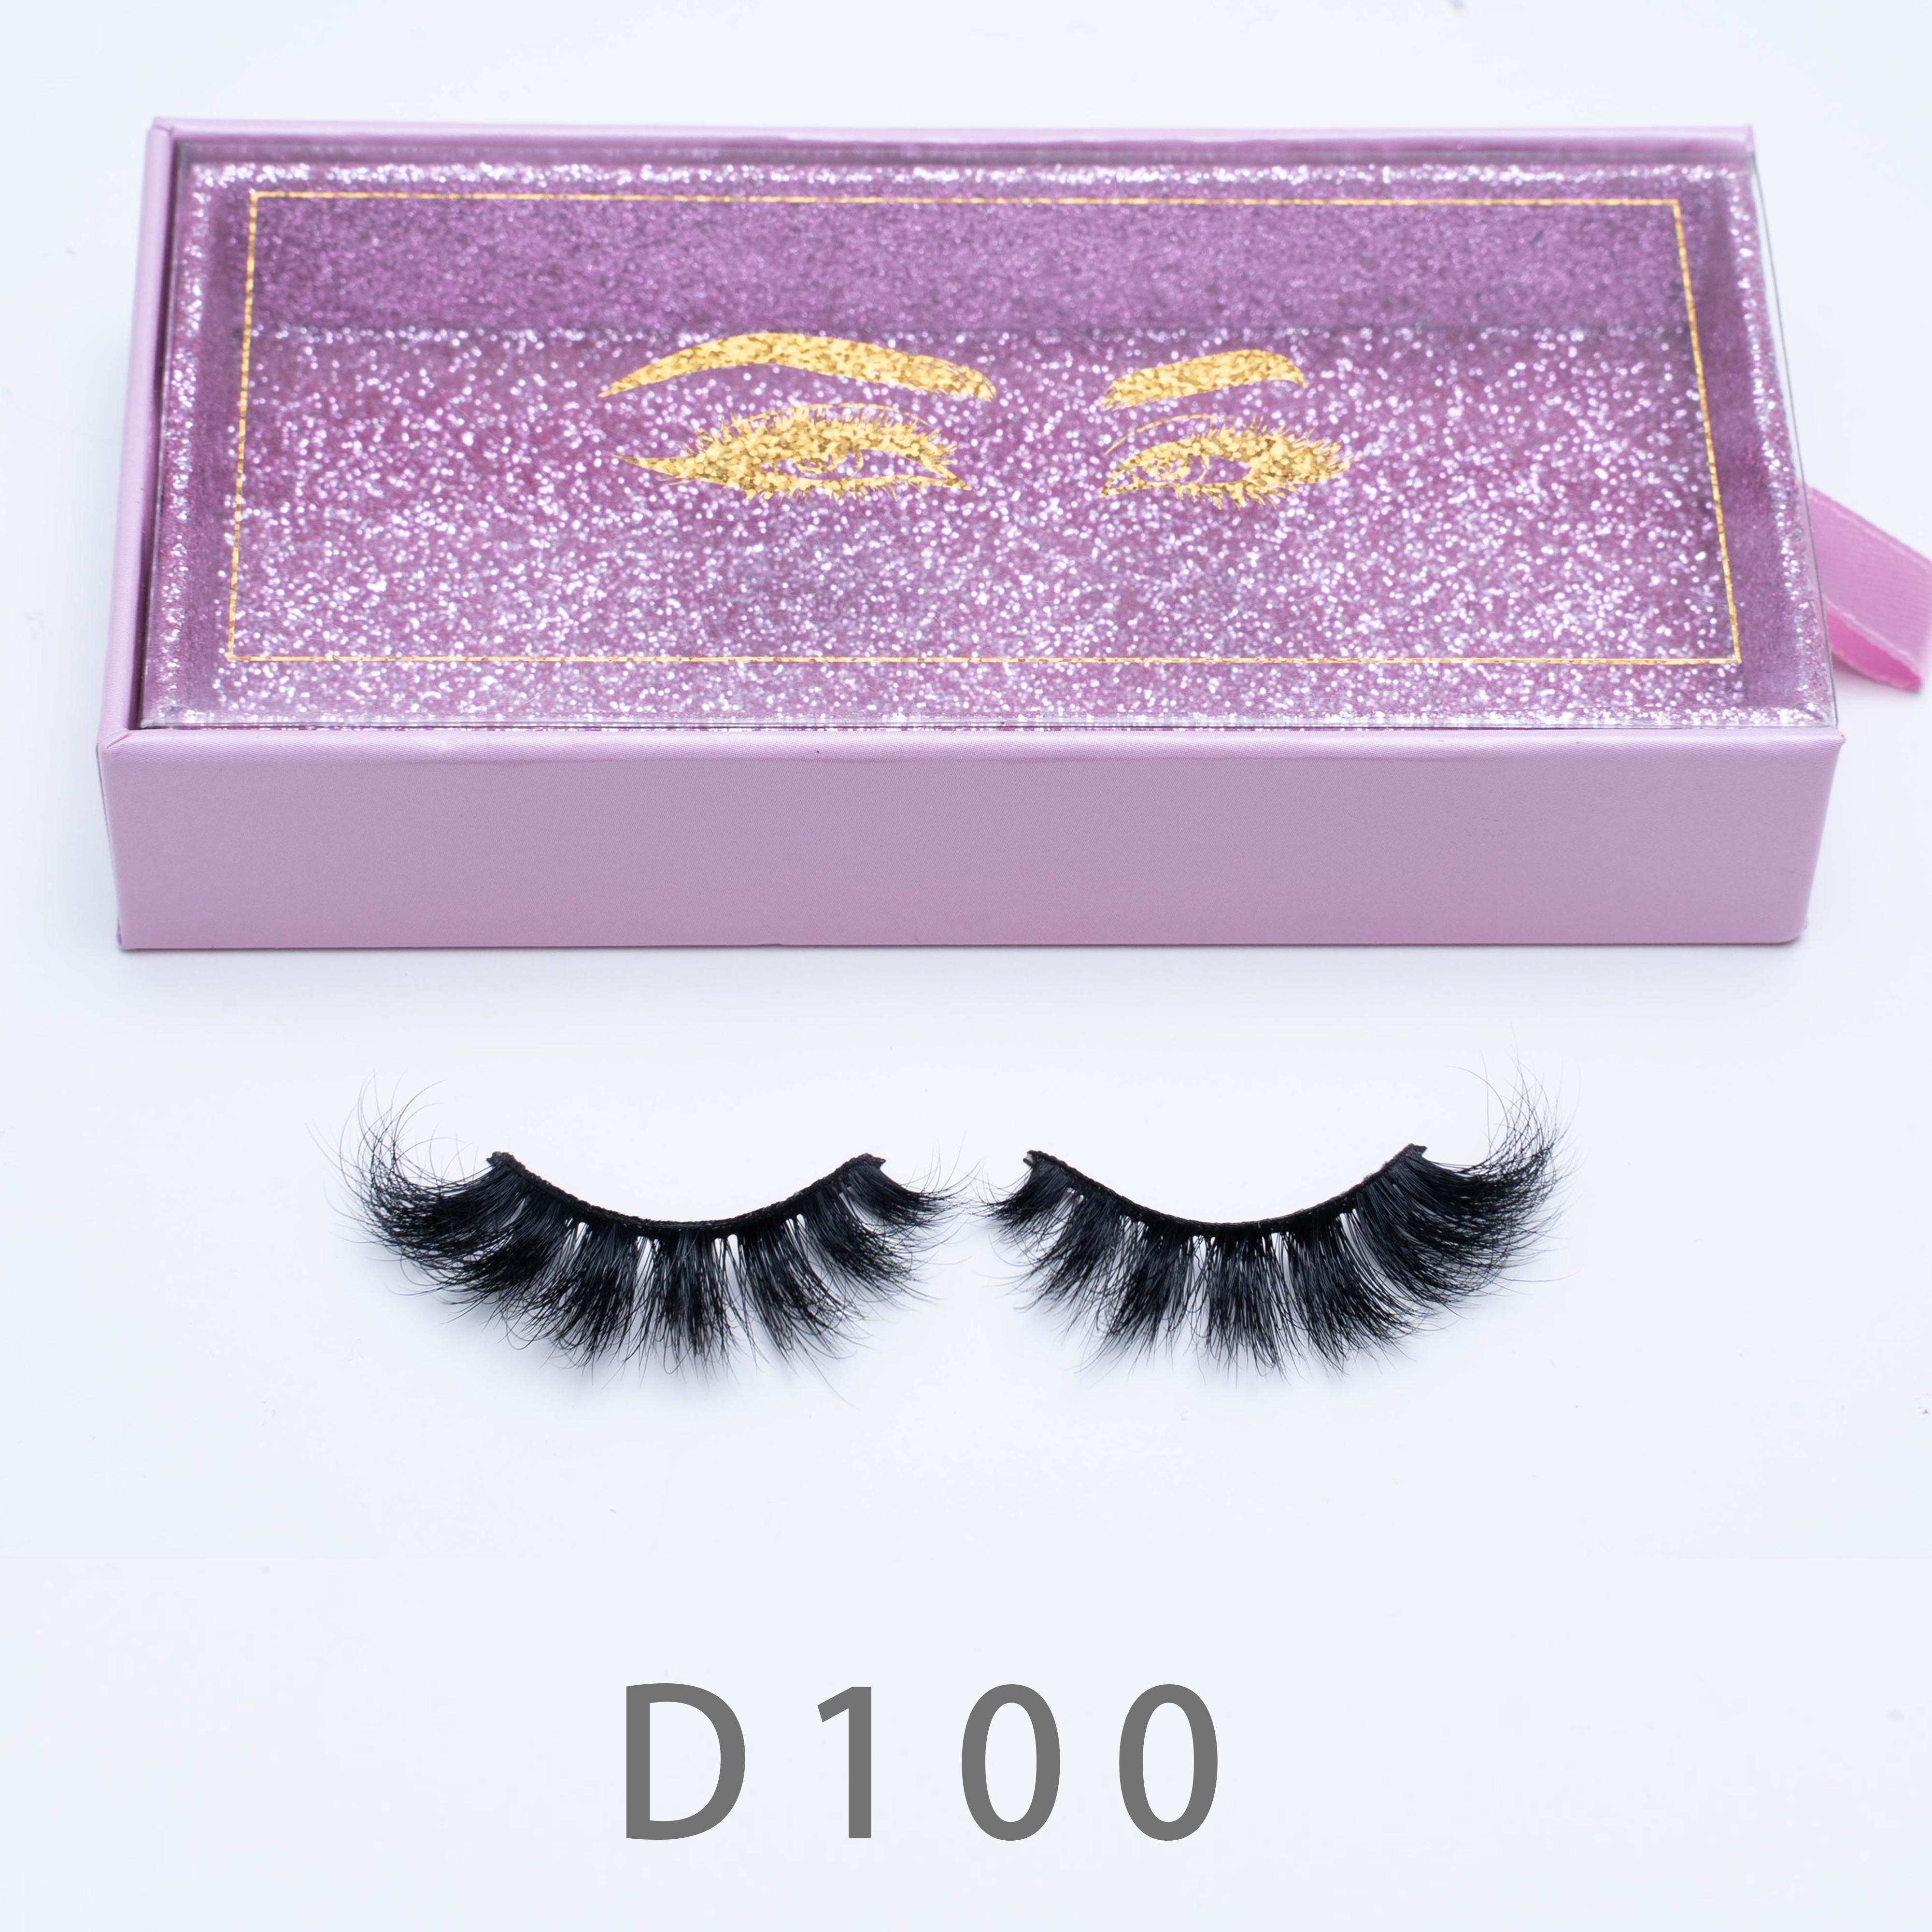 [Mink falsche Wimpern-D100] Weiche natürliche dicke falsche Wimpern 3D Eye Wimpern-Verlängerung Beauty Tools Custom Packaging